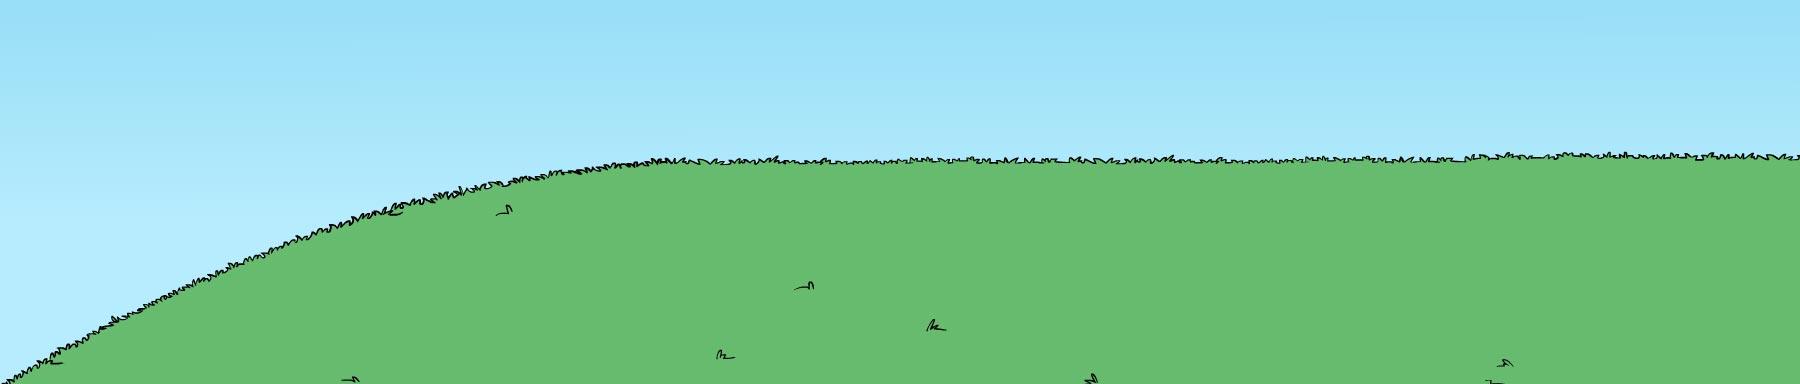 https://images.neopets.com/games/buildabear/level3_1_v1.jpg